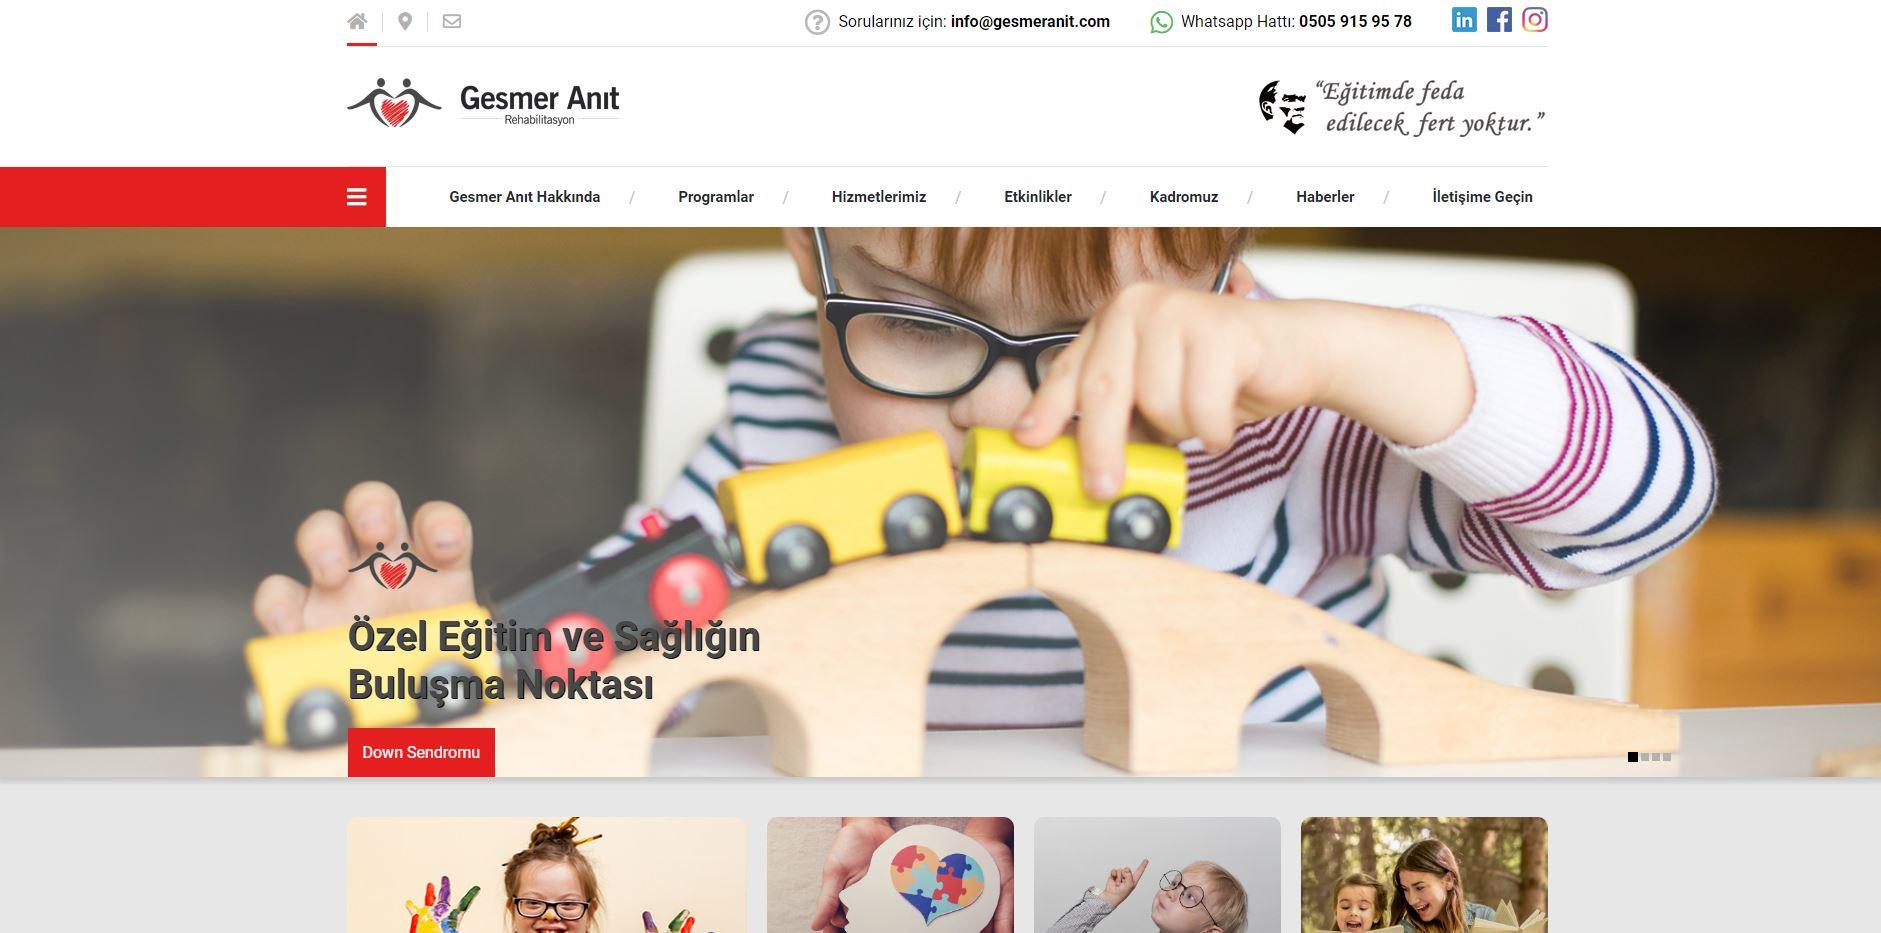 Yeni Web Sitemiz Yayında | Gesmer Anıt Rehabilitasyon Merkezi